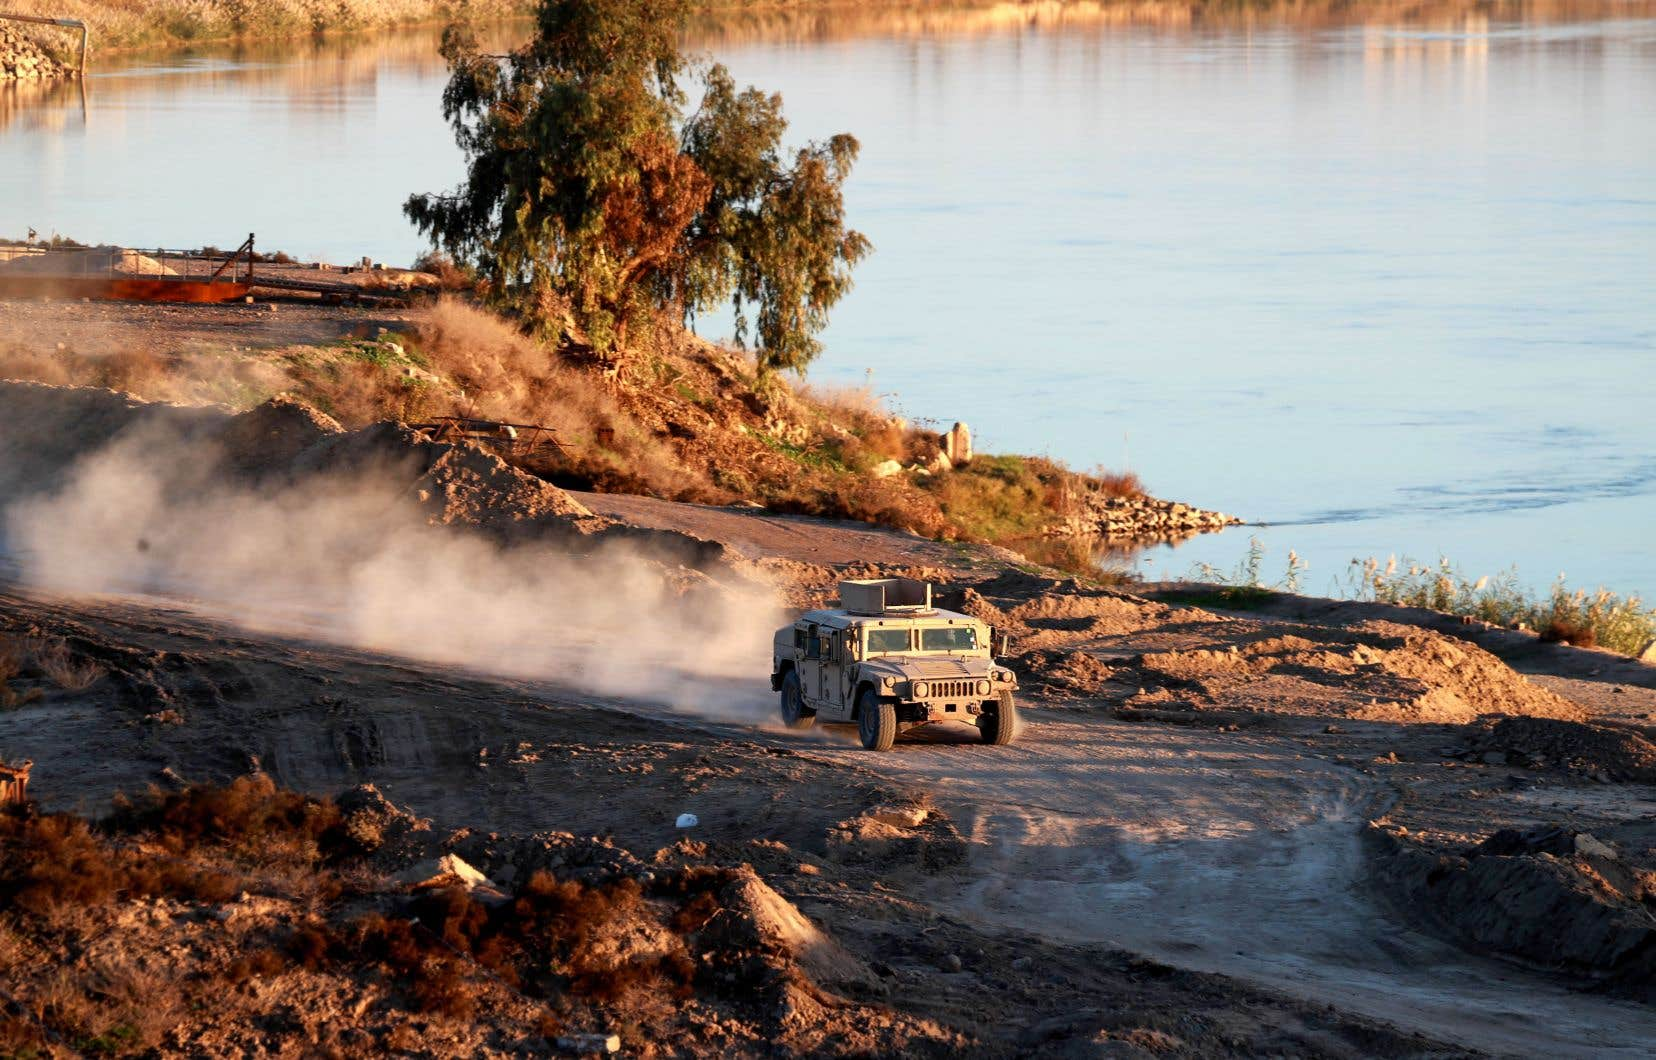 Sur cette photo du 15 décembre, un véhicule de l'armée américaine roule dans l'est de la Syrie. La veille, les Forces démocratiques syriennes, une coalition kurde bénéficiant du soutien de Washington, avait pris le contrôle de Hajin, dernière localité syrienne aux mains du groupe EI.